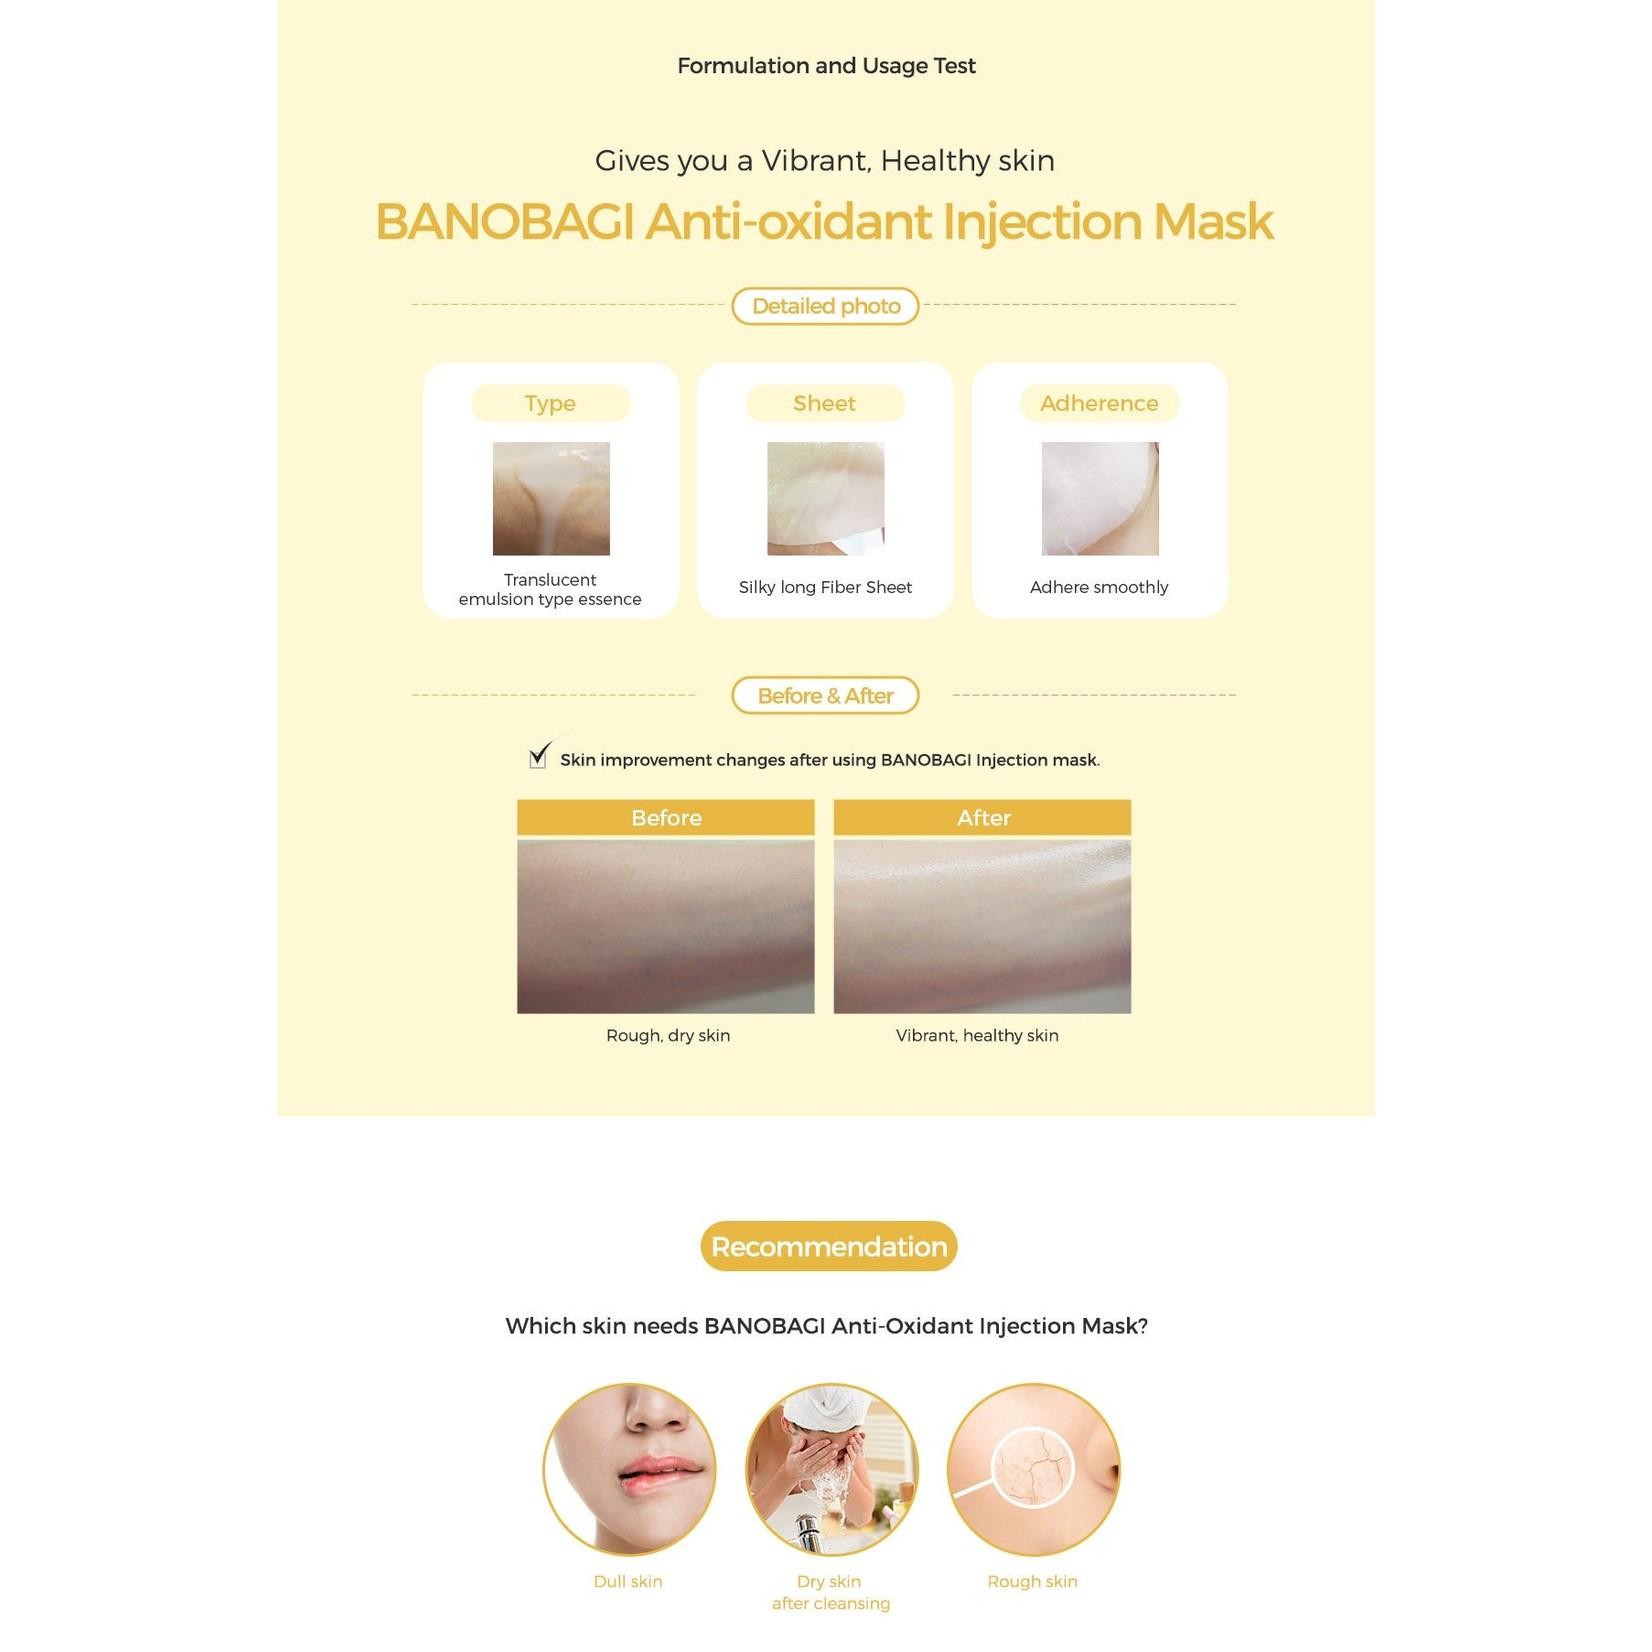 BANOBAGI Anti-Oxidant Injection Mask